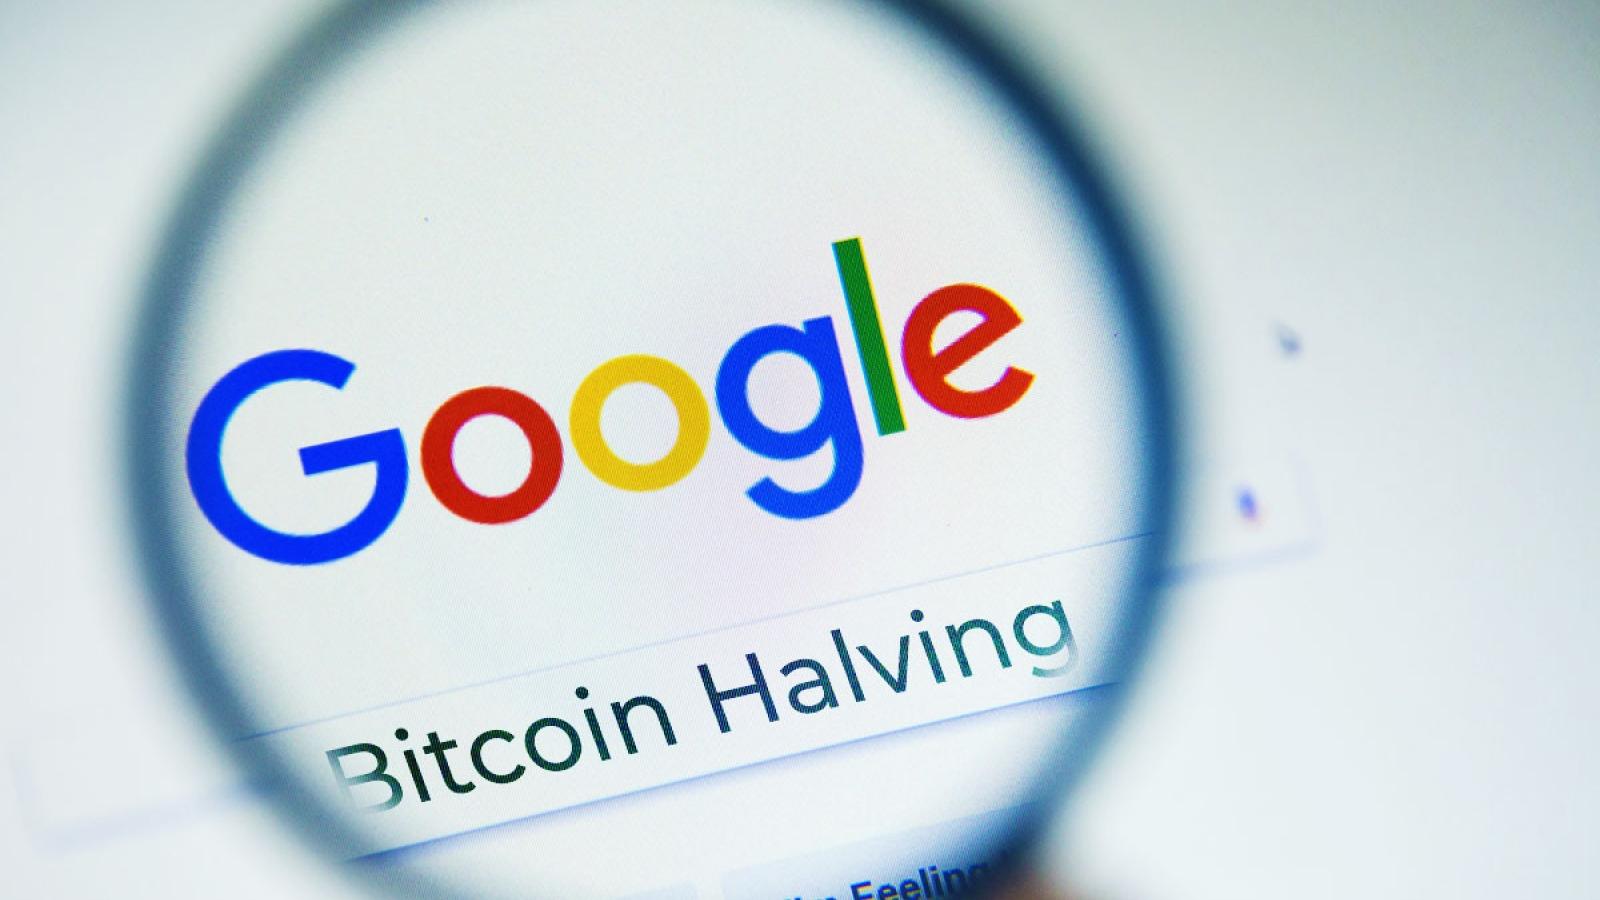 Google Aramalarını Bitcoin'i BTC Kalkışa Hazırlıyor